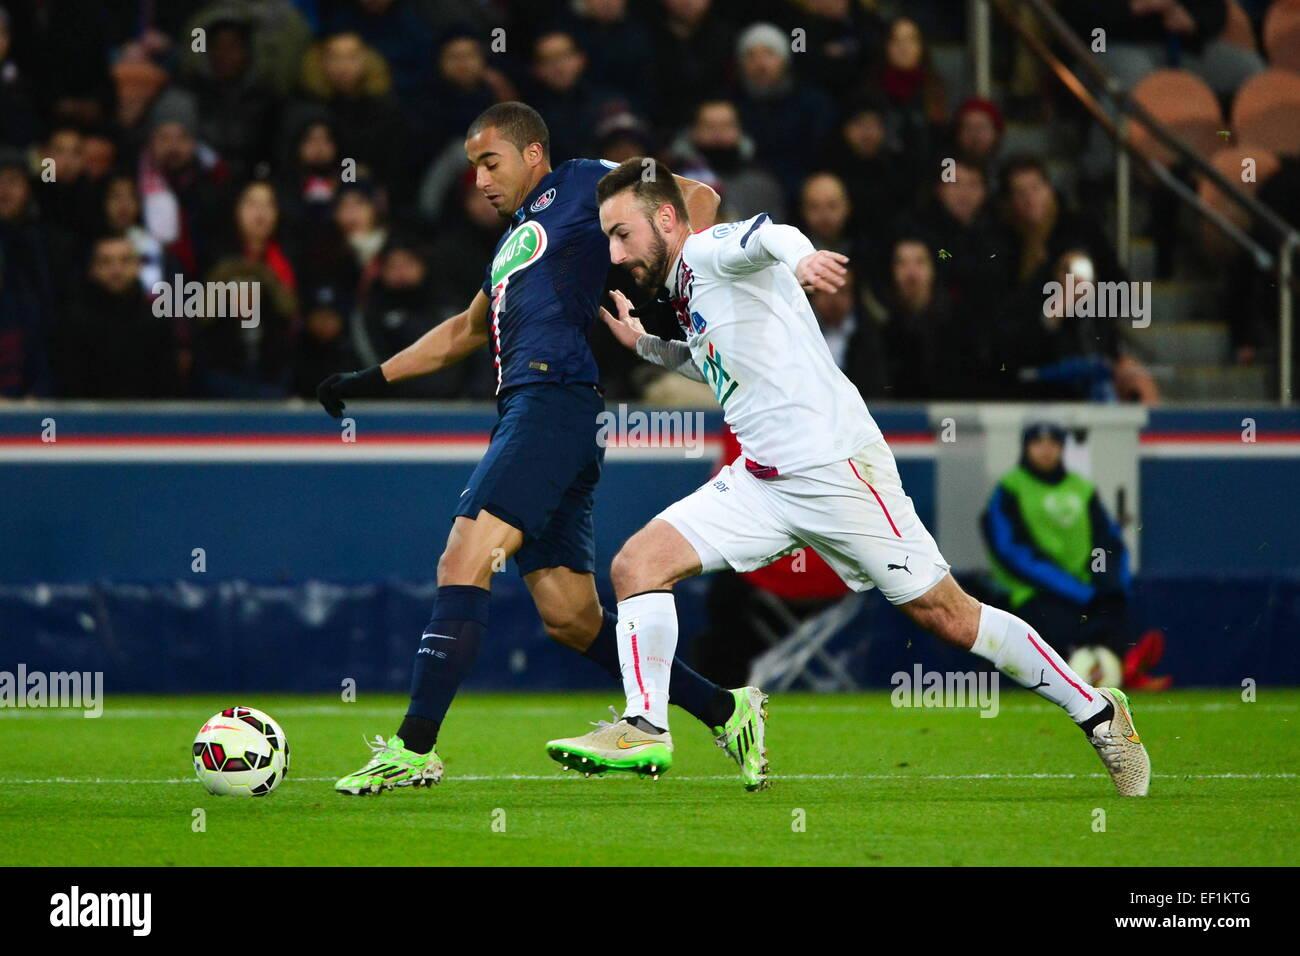 LUCAS/Diego contento - 21.01.2015 - Paris Saint Germain/Bordeaux - Coupe de France.Photo : Dave inverno/Icona Sport Immagini Stock